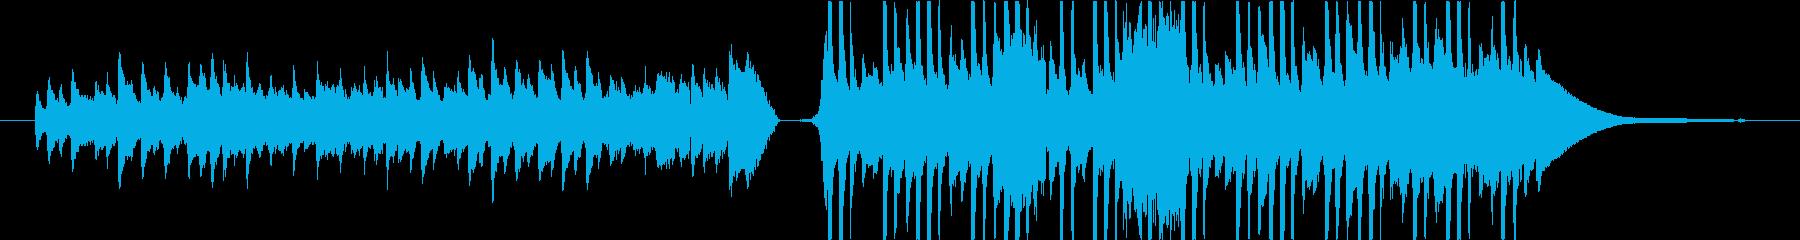 """朝、自然、ピアノ""""静と動""""の洗練された曲の再生済みの波形"""